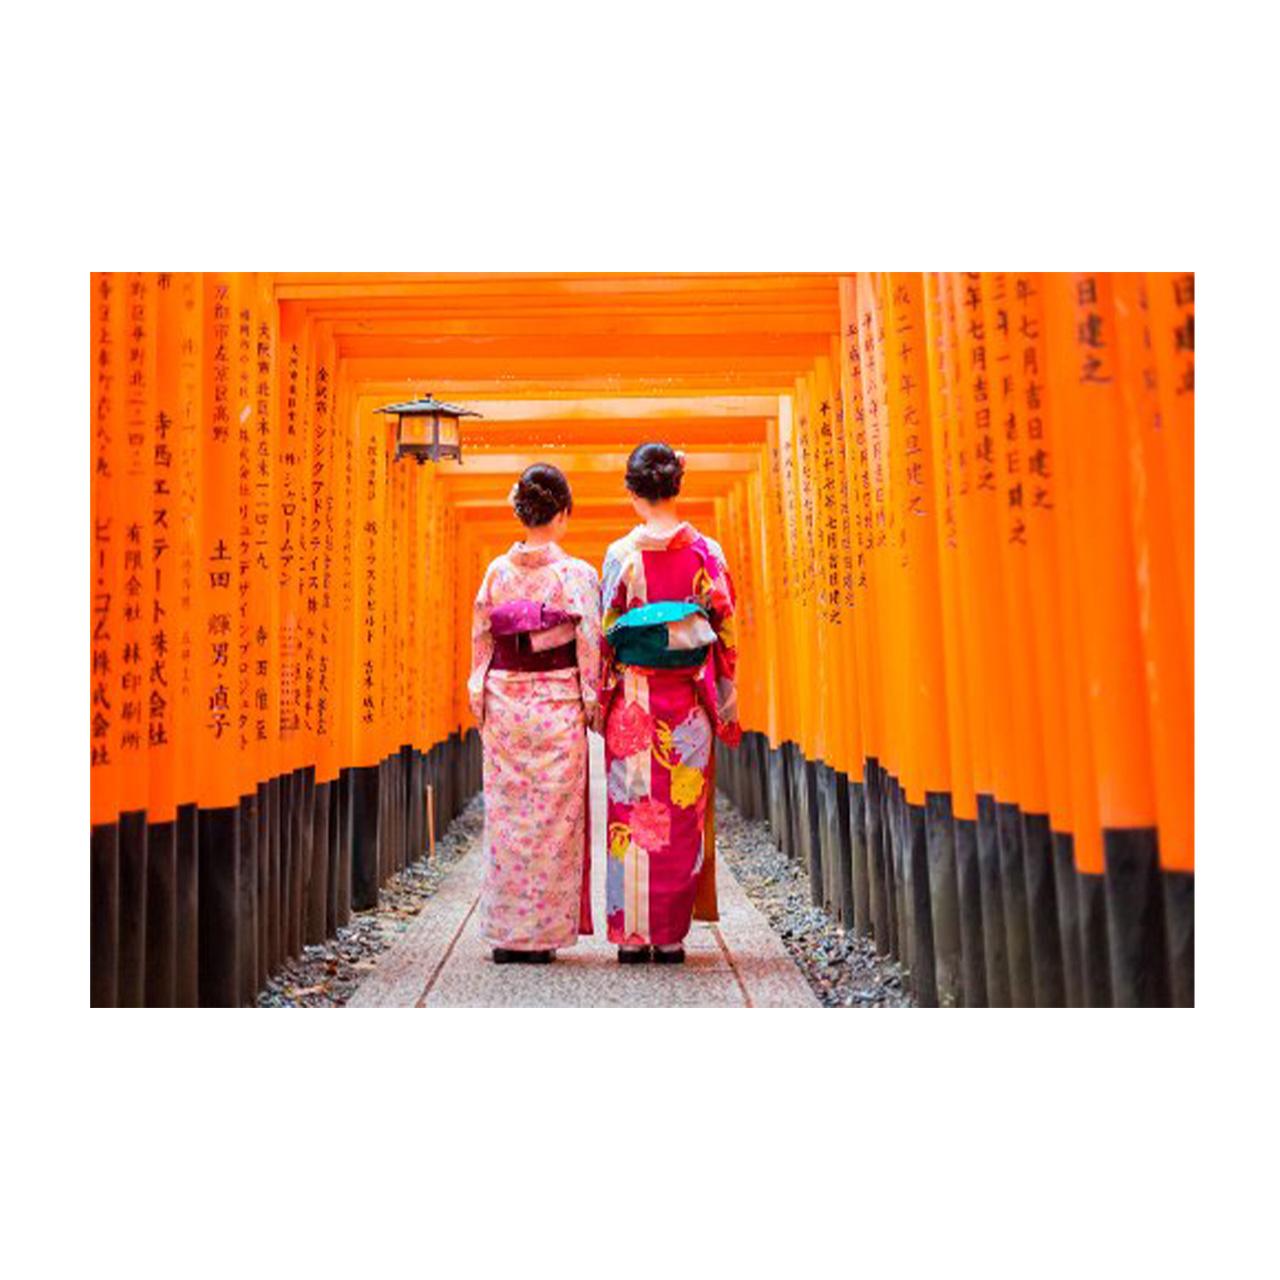 Imageland Bild 2 Japanerinnen